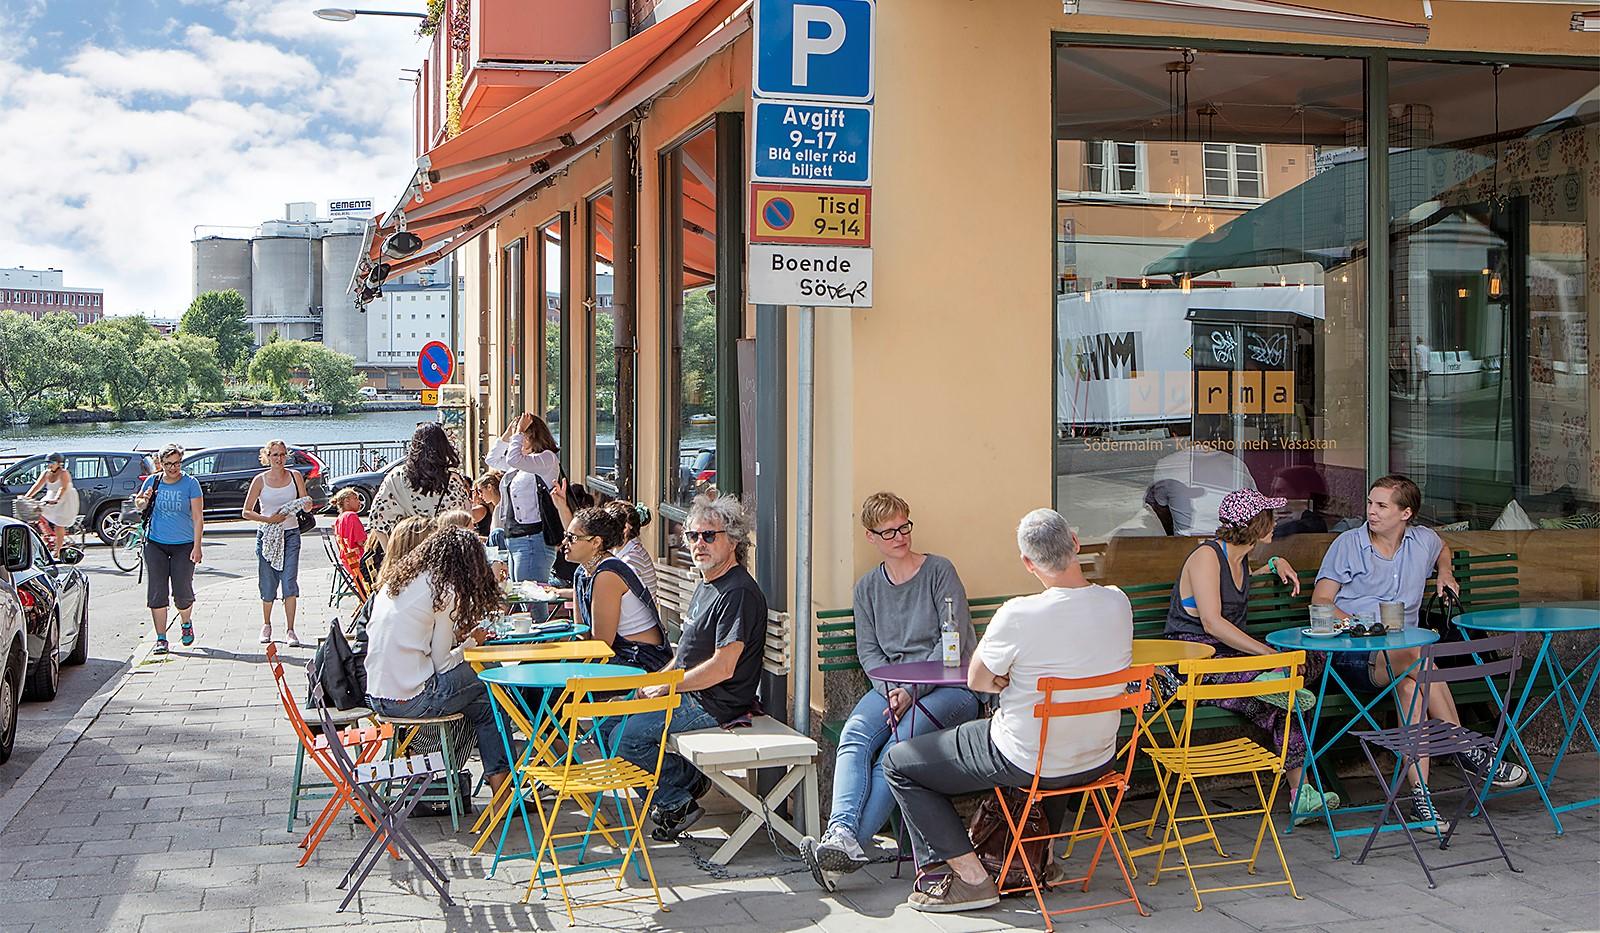 Bergsunds Strand 31, 5 tr, Accepterat pris - Café Vurma som ligger i huset